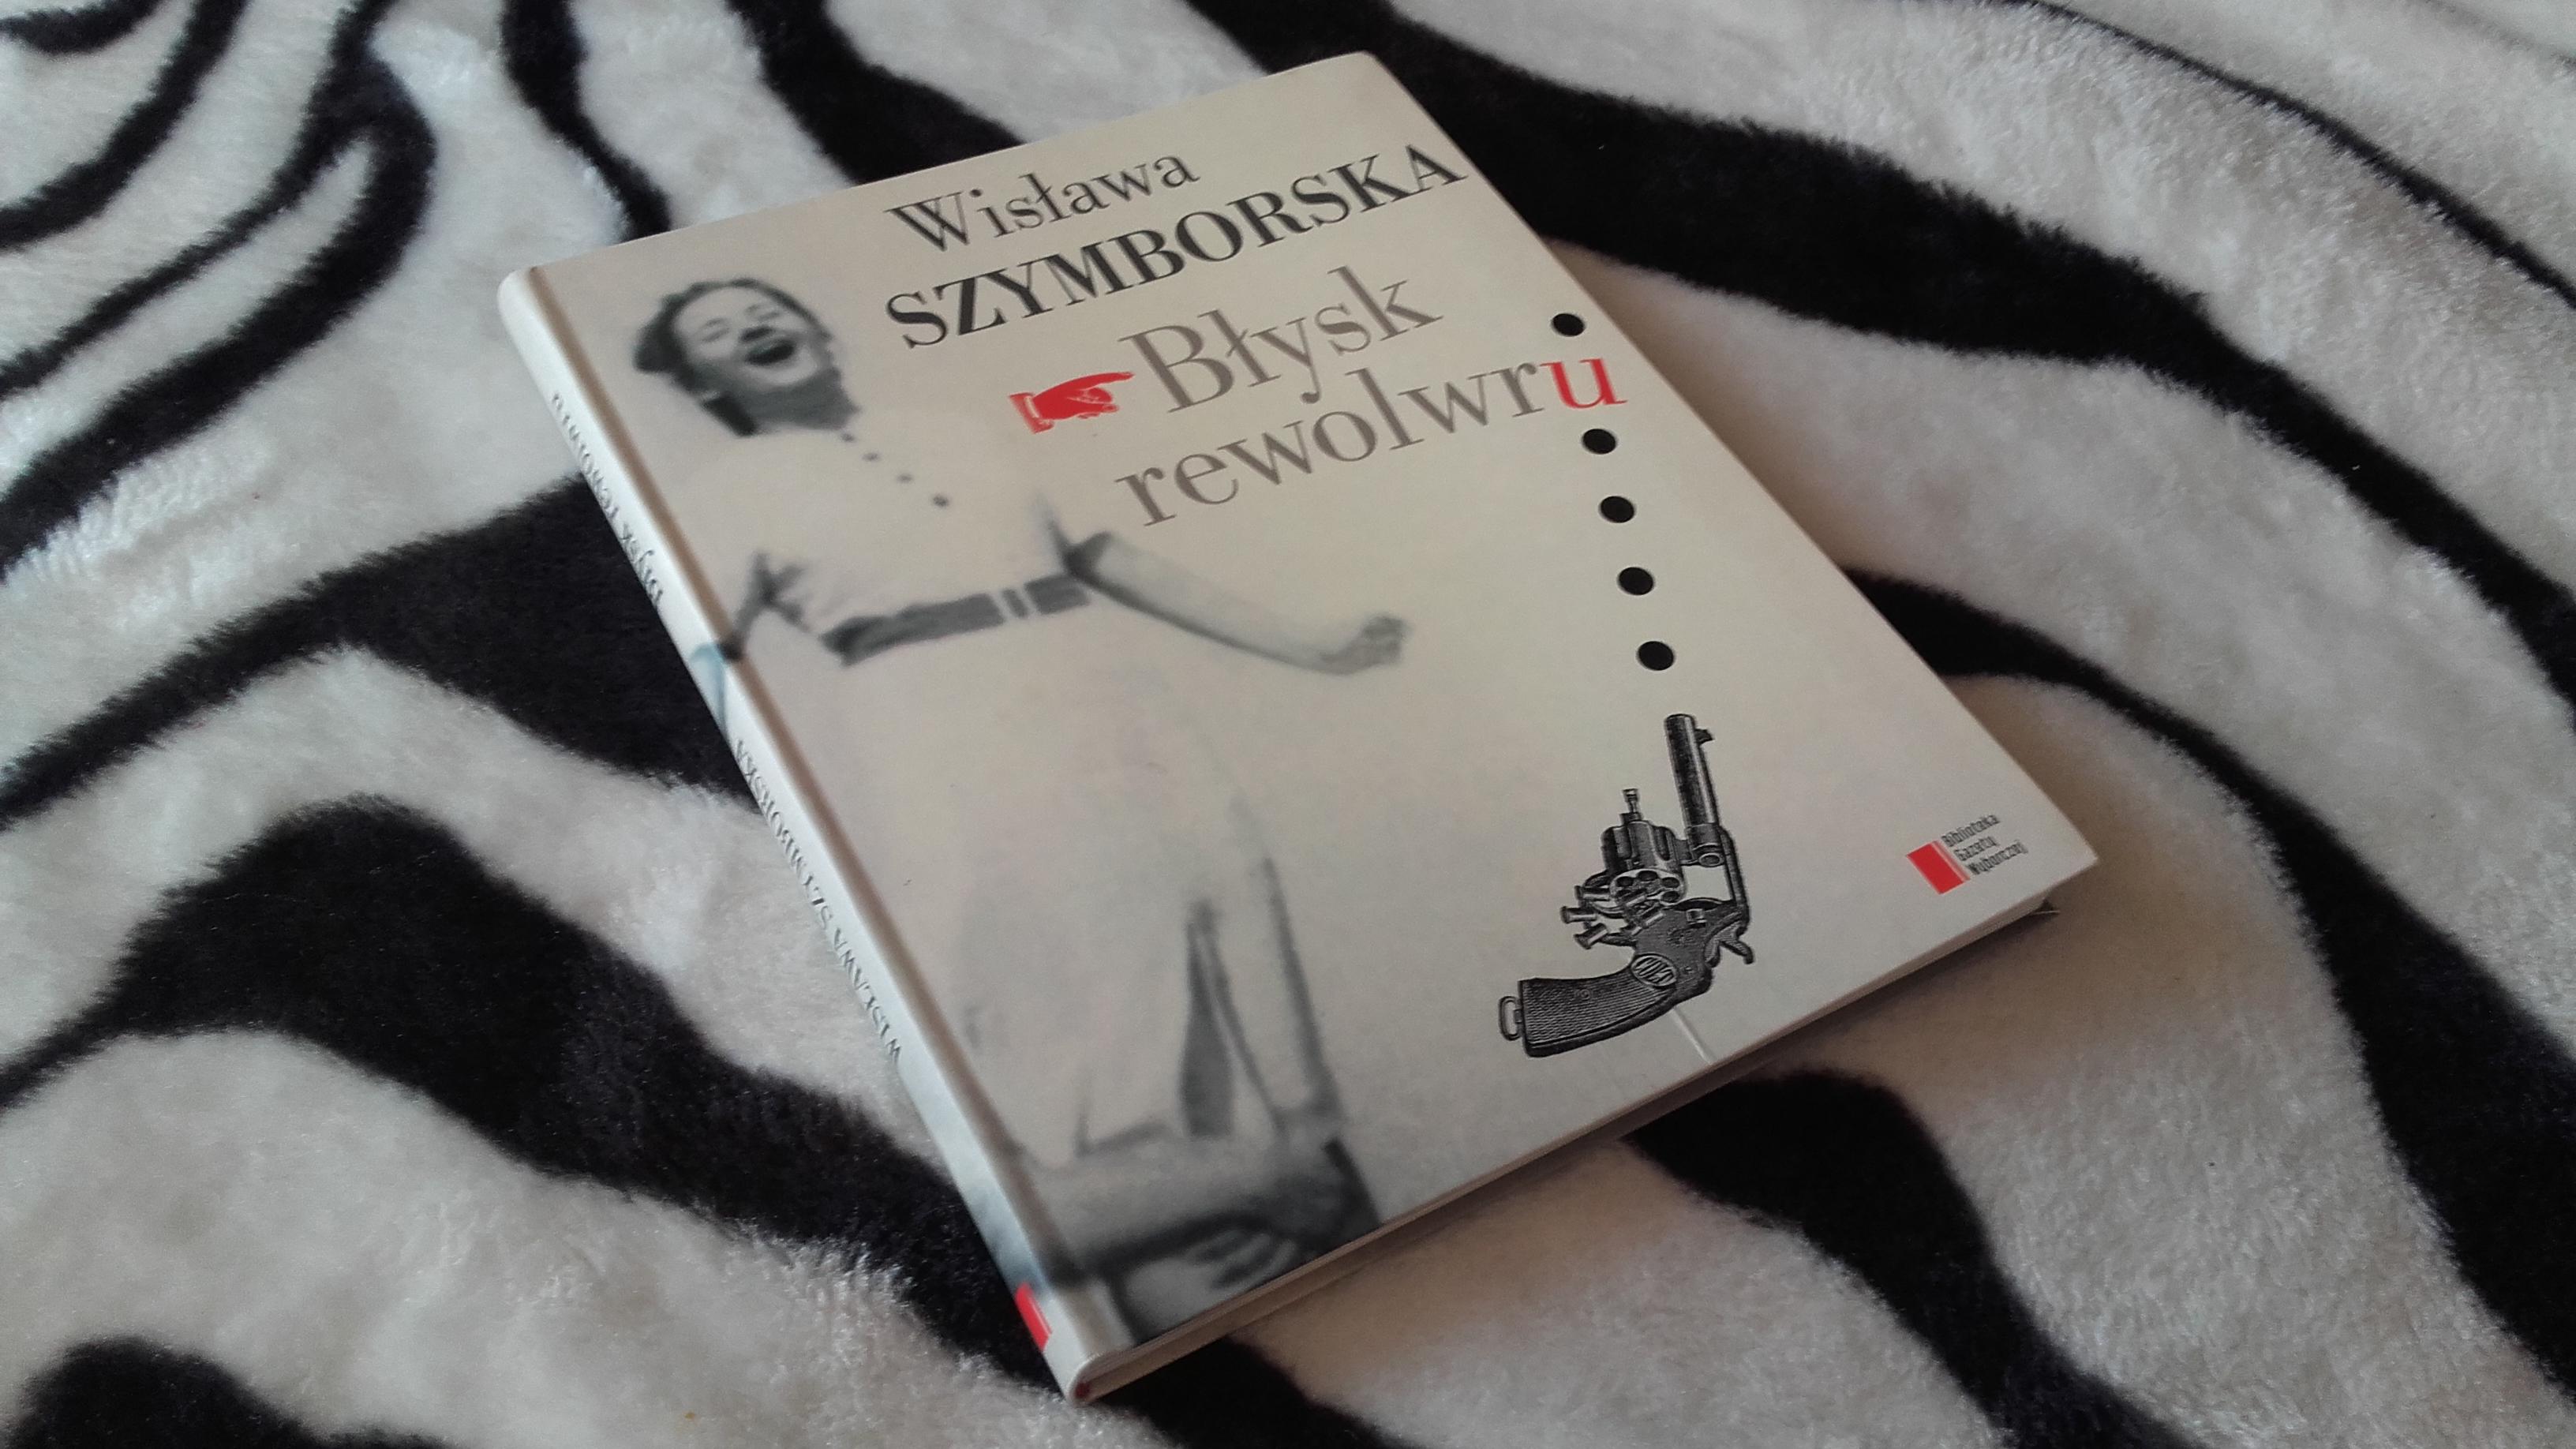 Błysk rewolwru – Wisława Szymborska